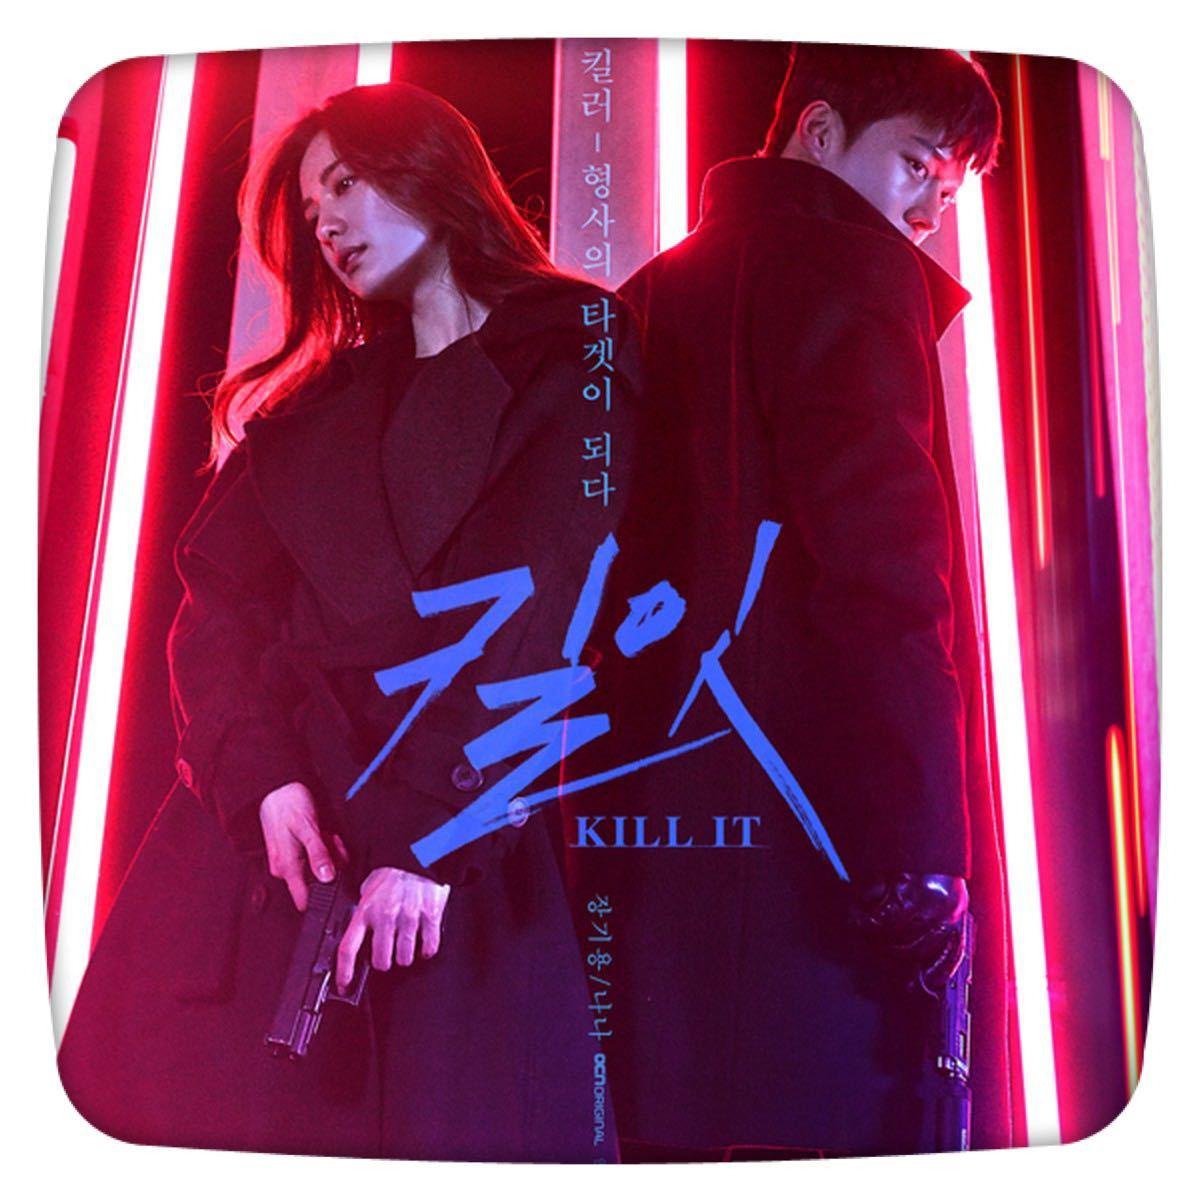 【キルイット】Blu-ray 韓国ドラマ 韓流